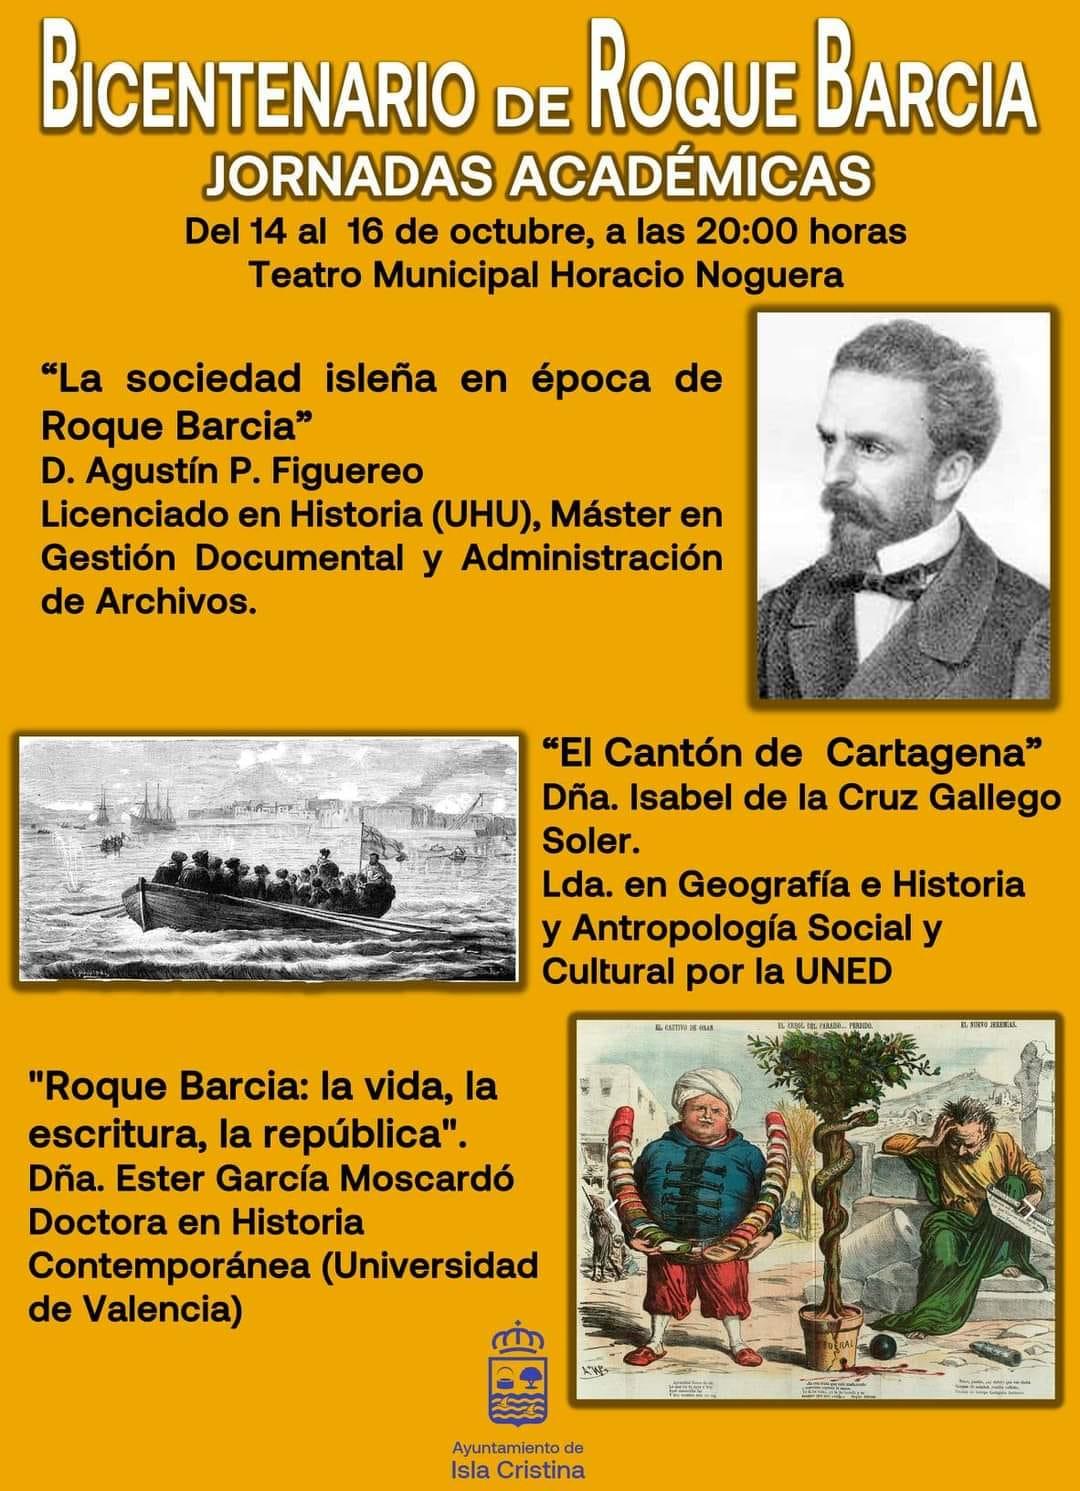 Conferencia: La sociedad isleña época de Roque Barcia»